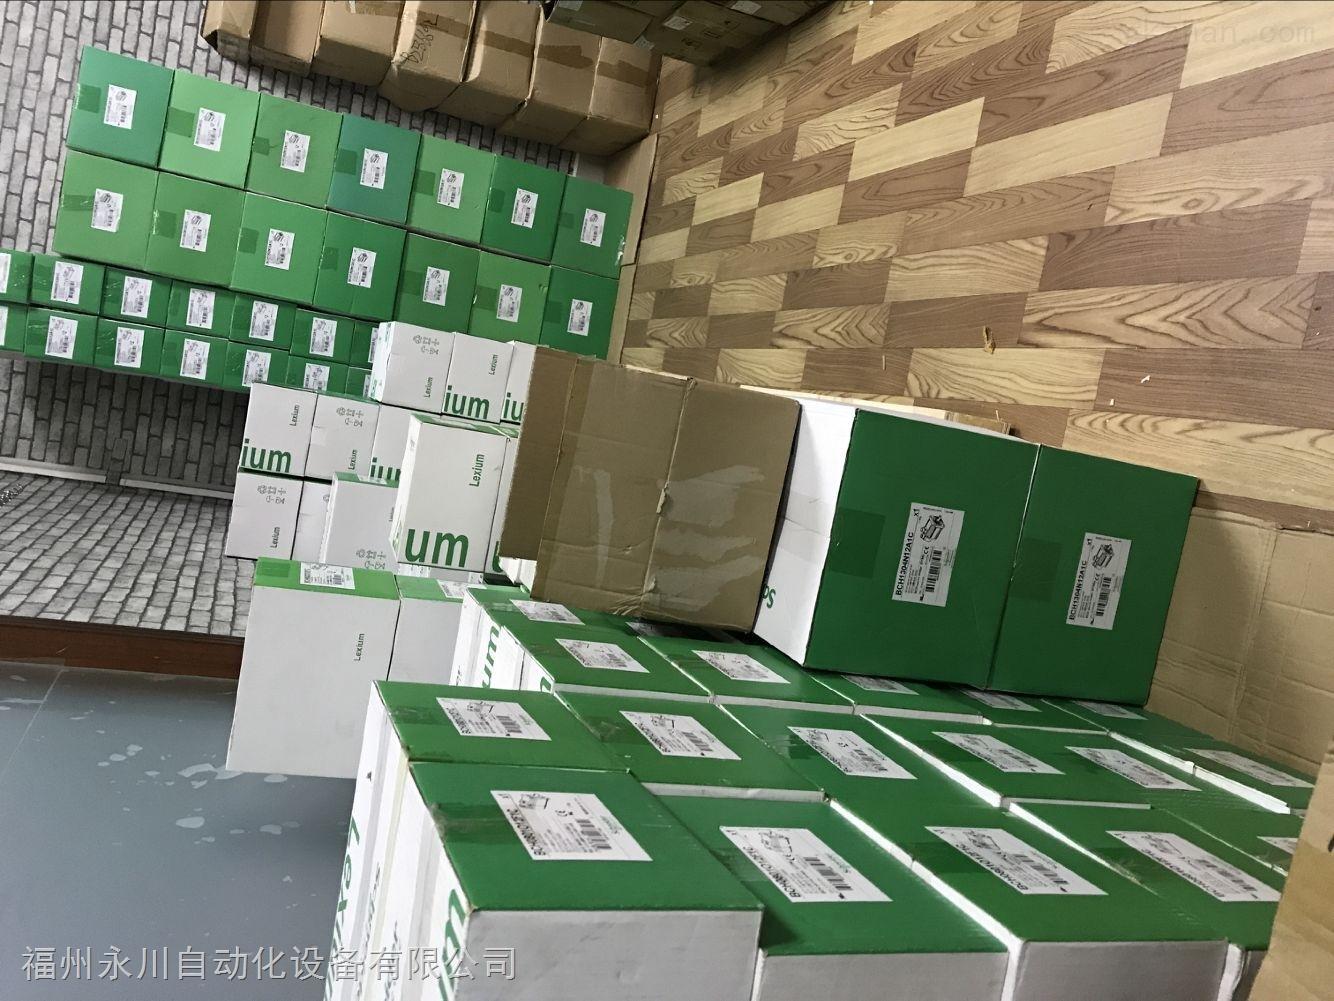 LXM23AU30M3X现货供应施耐德伺服